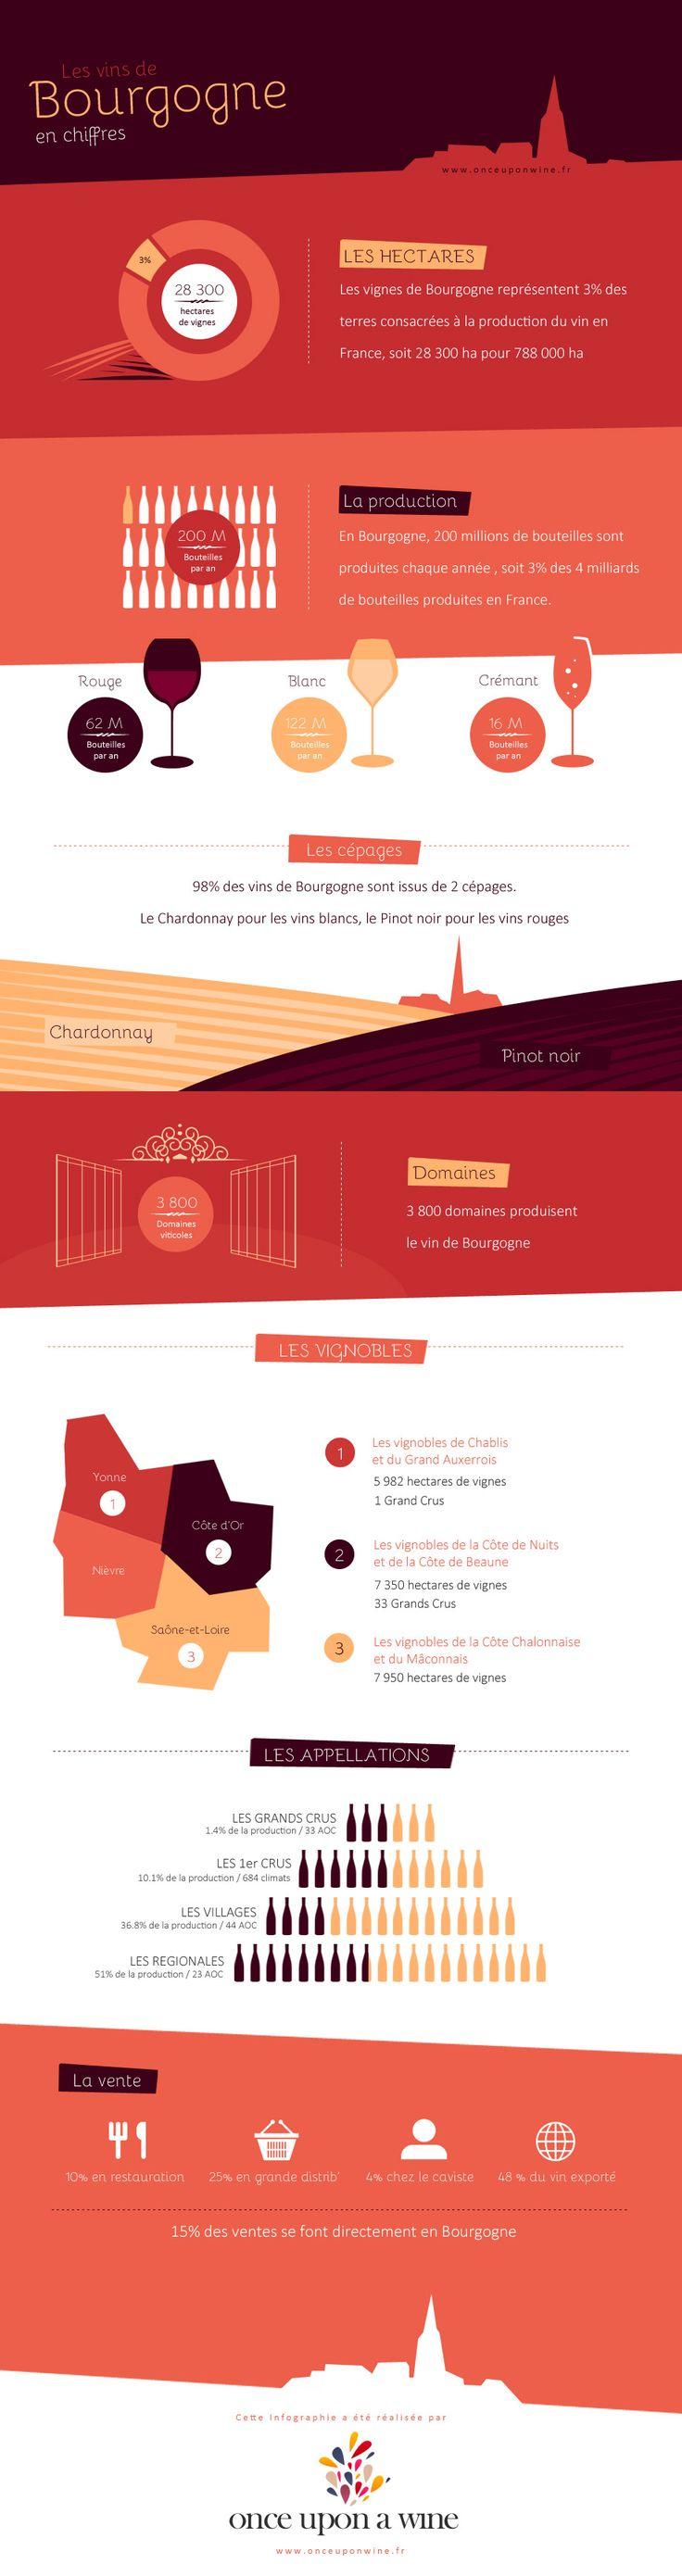 Les chiffres clés des vins de Bourgogne - Once upon a wine